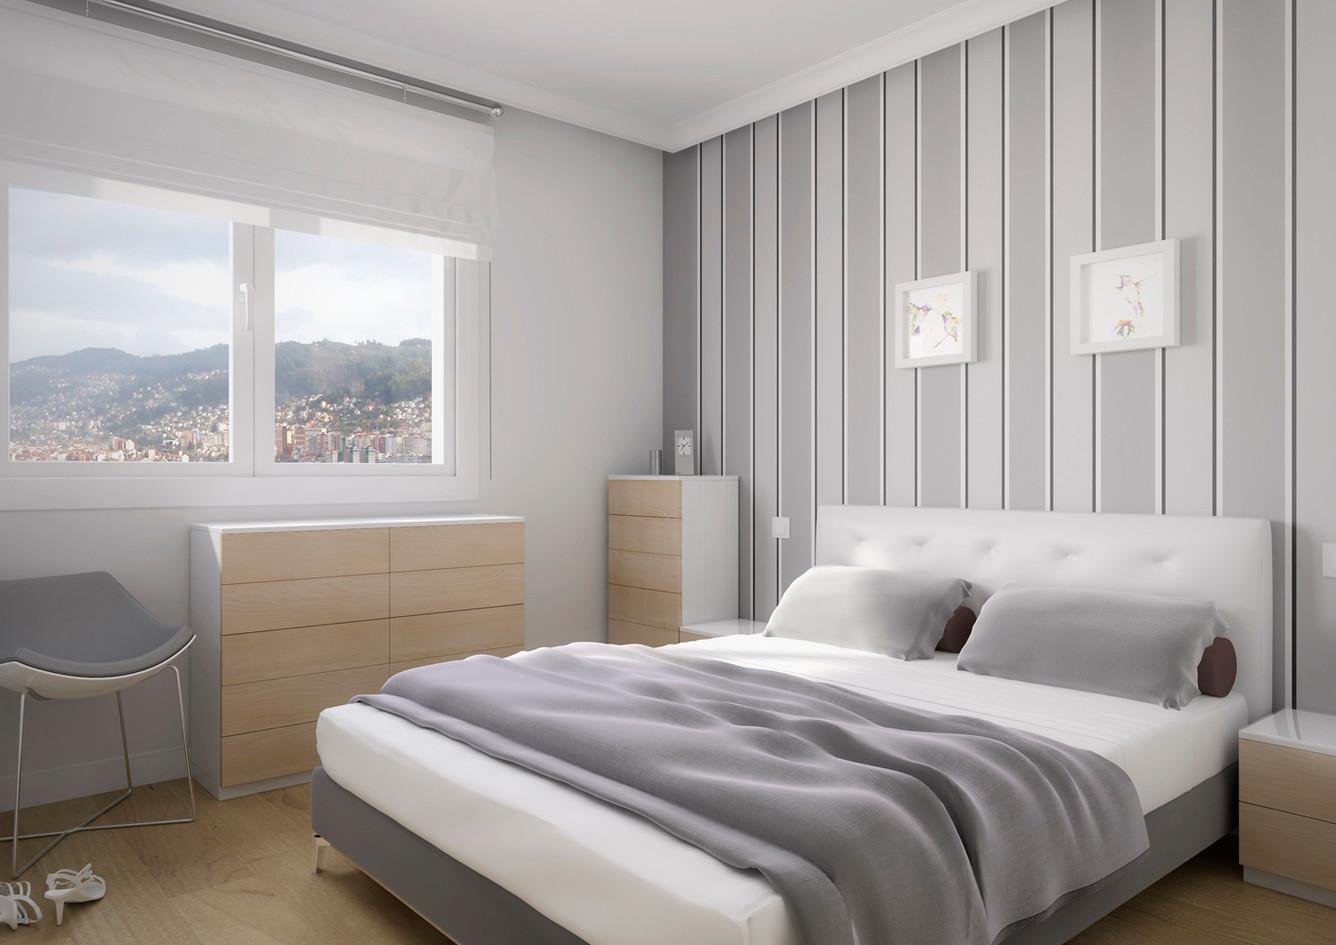 Dormitorio Principal 01 - Cambios Abril